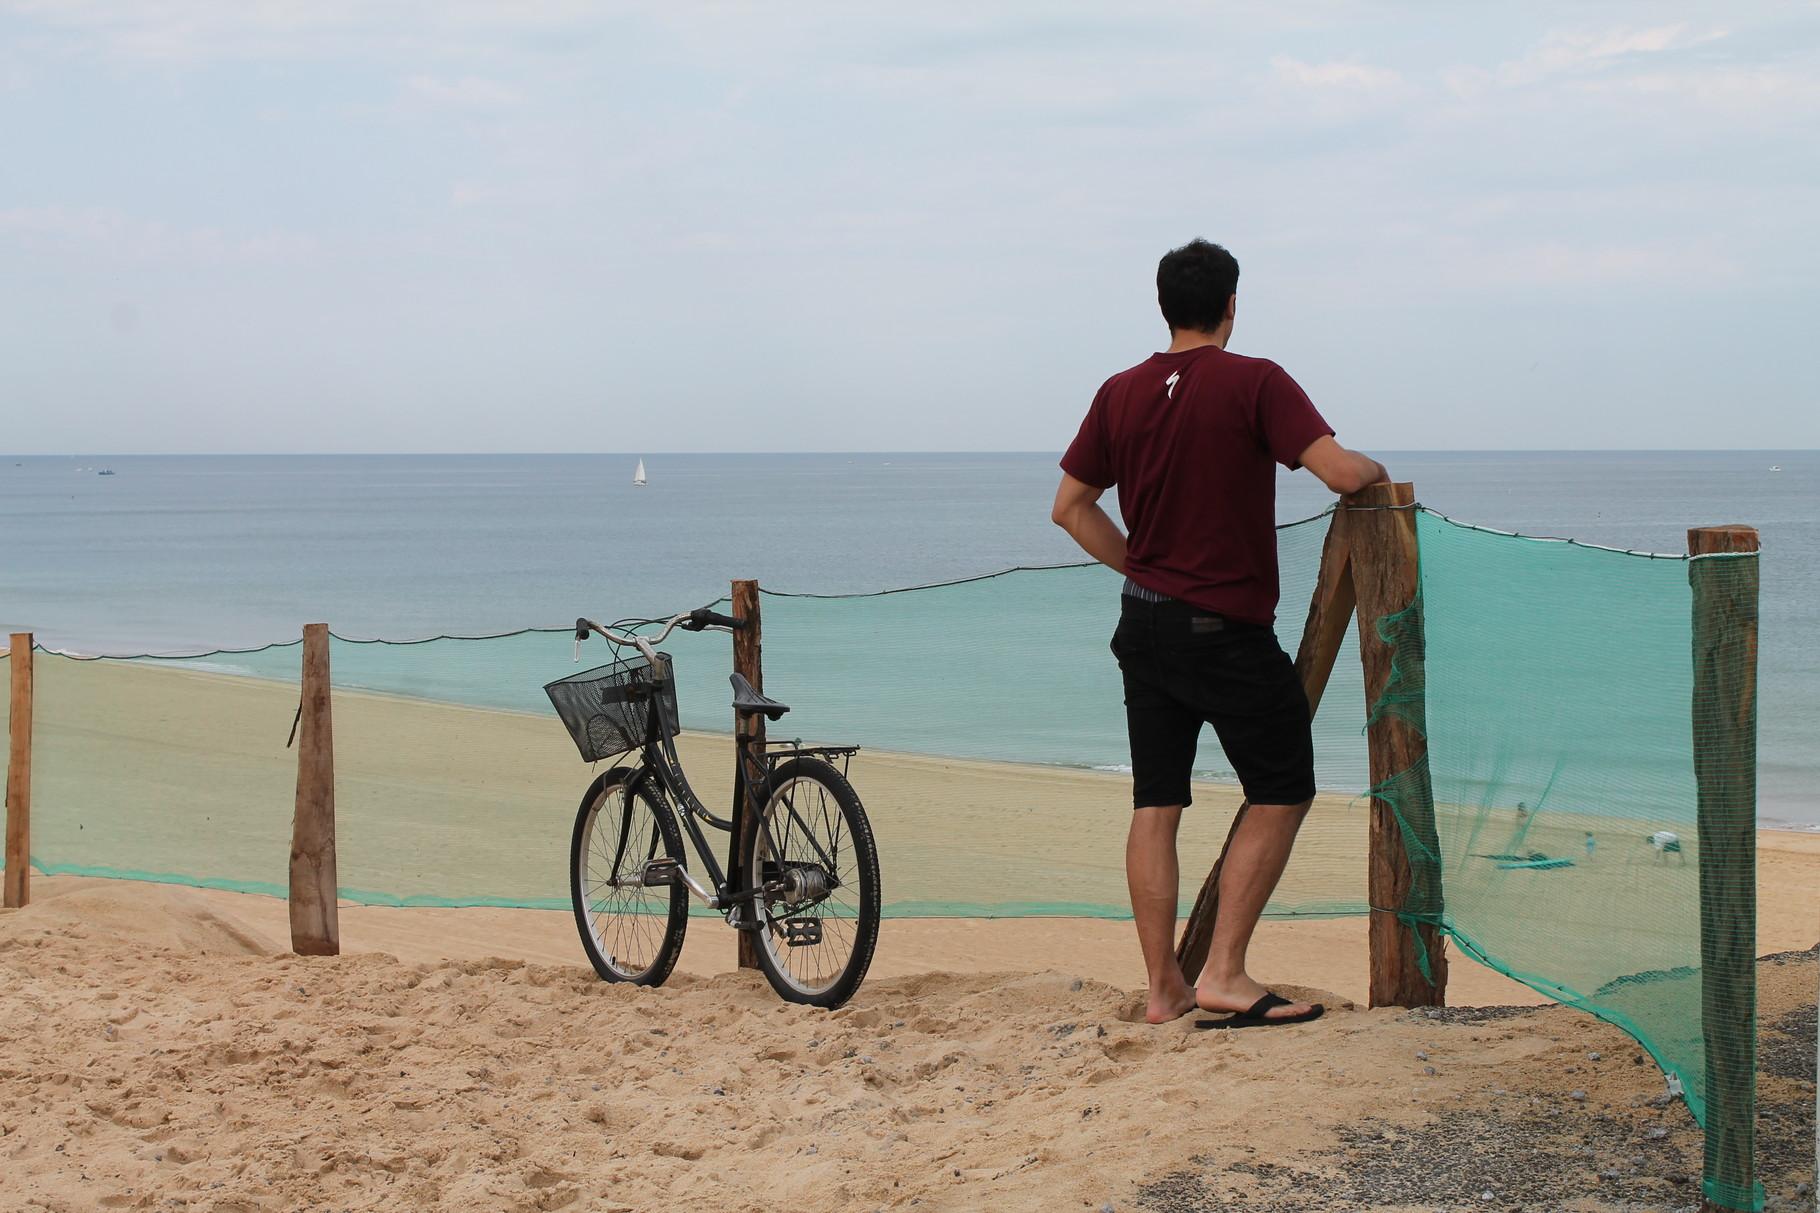 Seguimientos en bicicleta